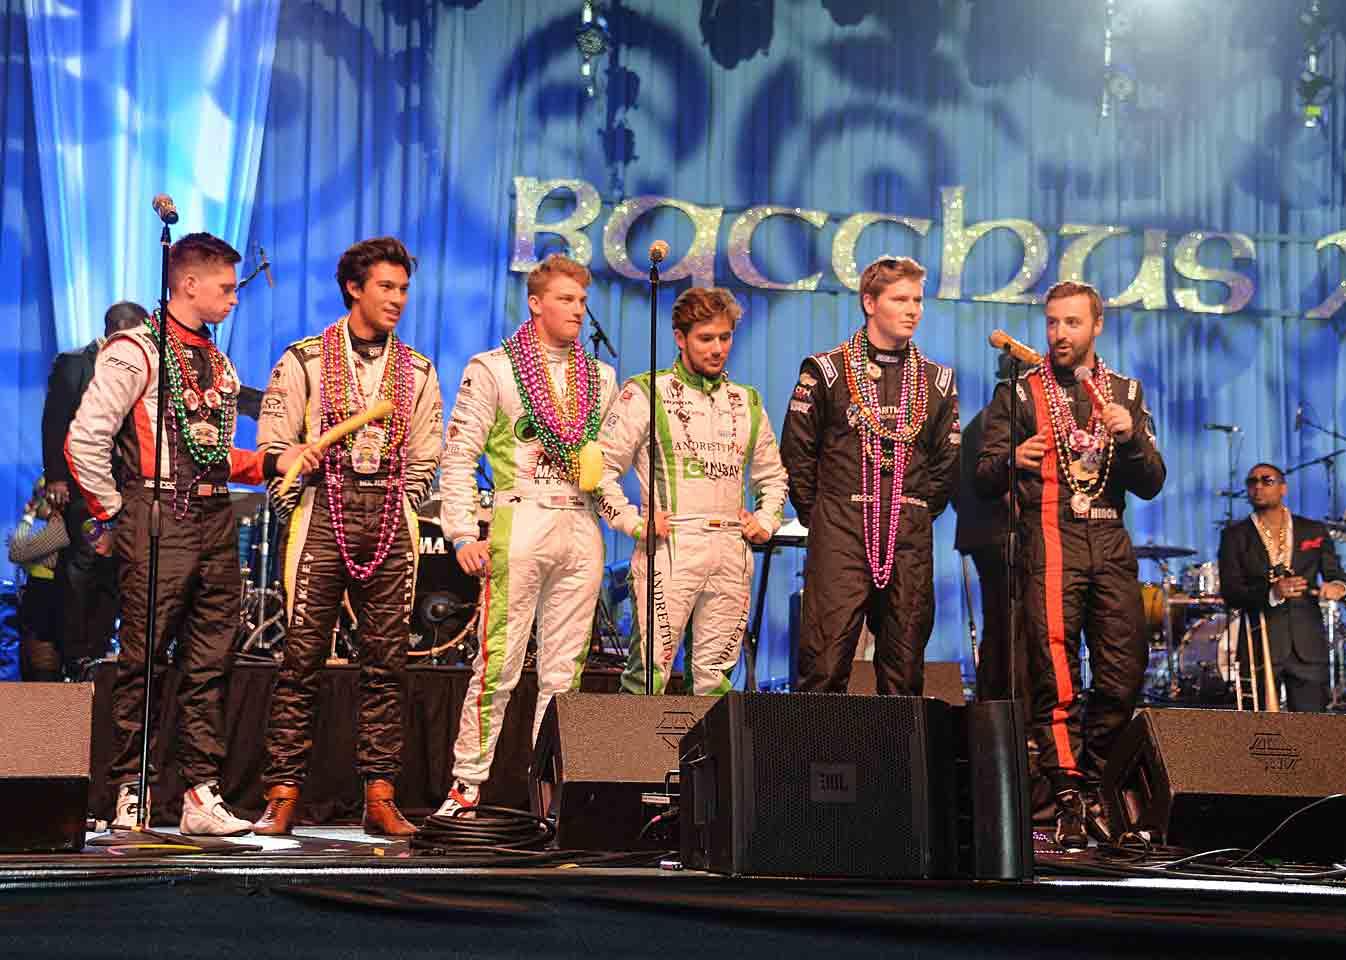 Party boys Aaron Telitz, Neil Alberico, Sage Karam, Carlos Munoz, Josef Newgarden and James Hinchcliffe.